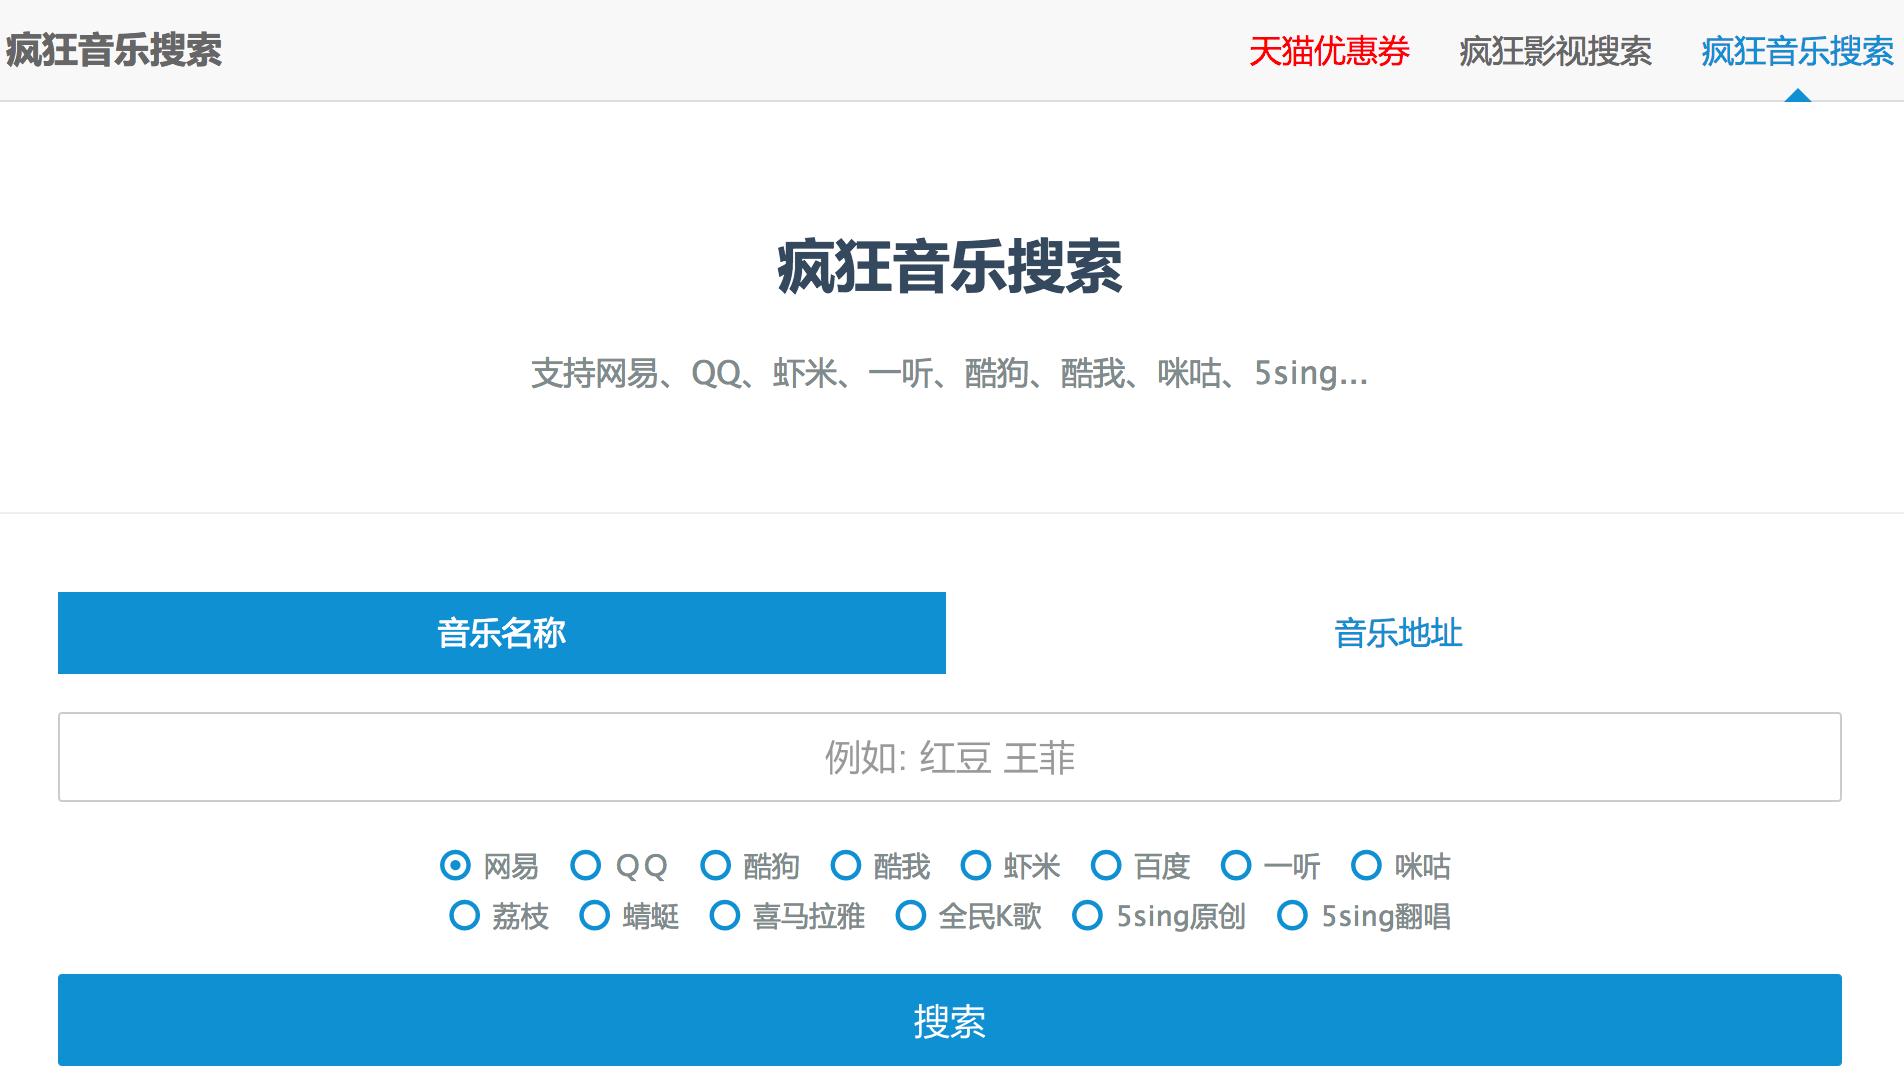 音乐全平台搜索引擎,支持搜索还能免费下载音乐!-iQiQi